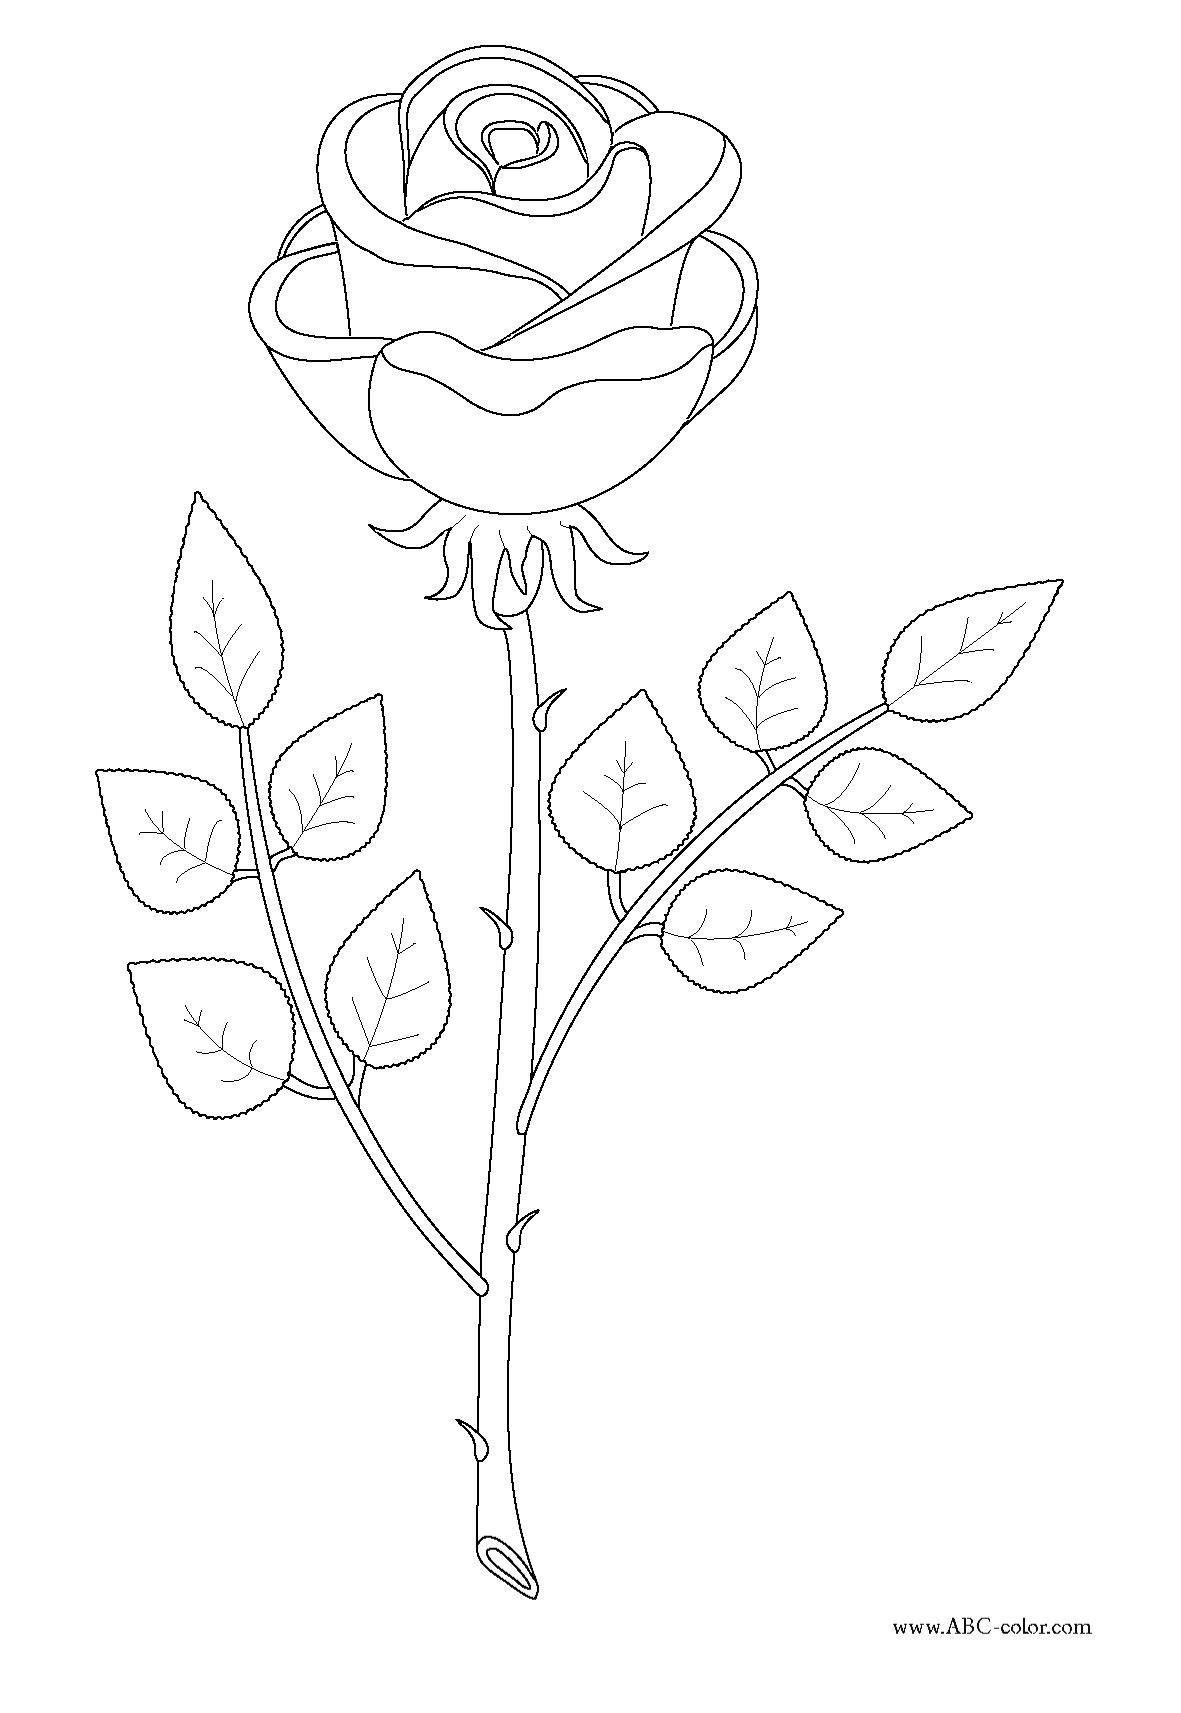 Раскраска Рисунок роза с шипами Скачать Роза.  Распечатать ,домашние животные,